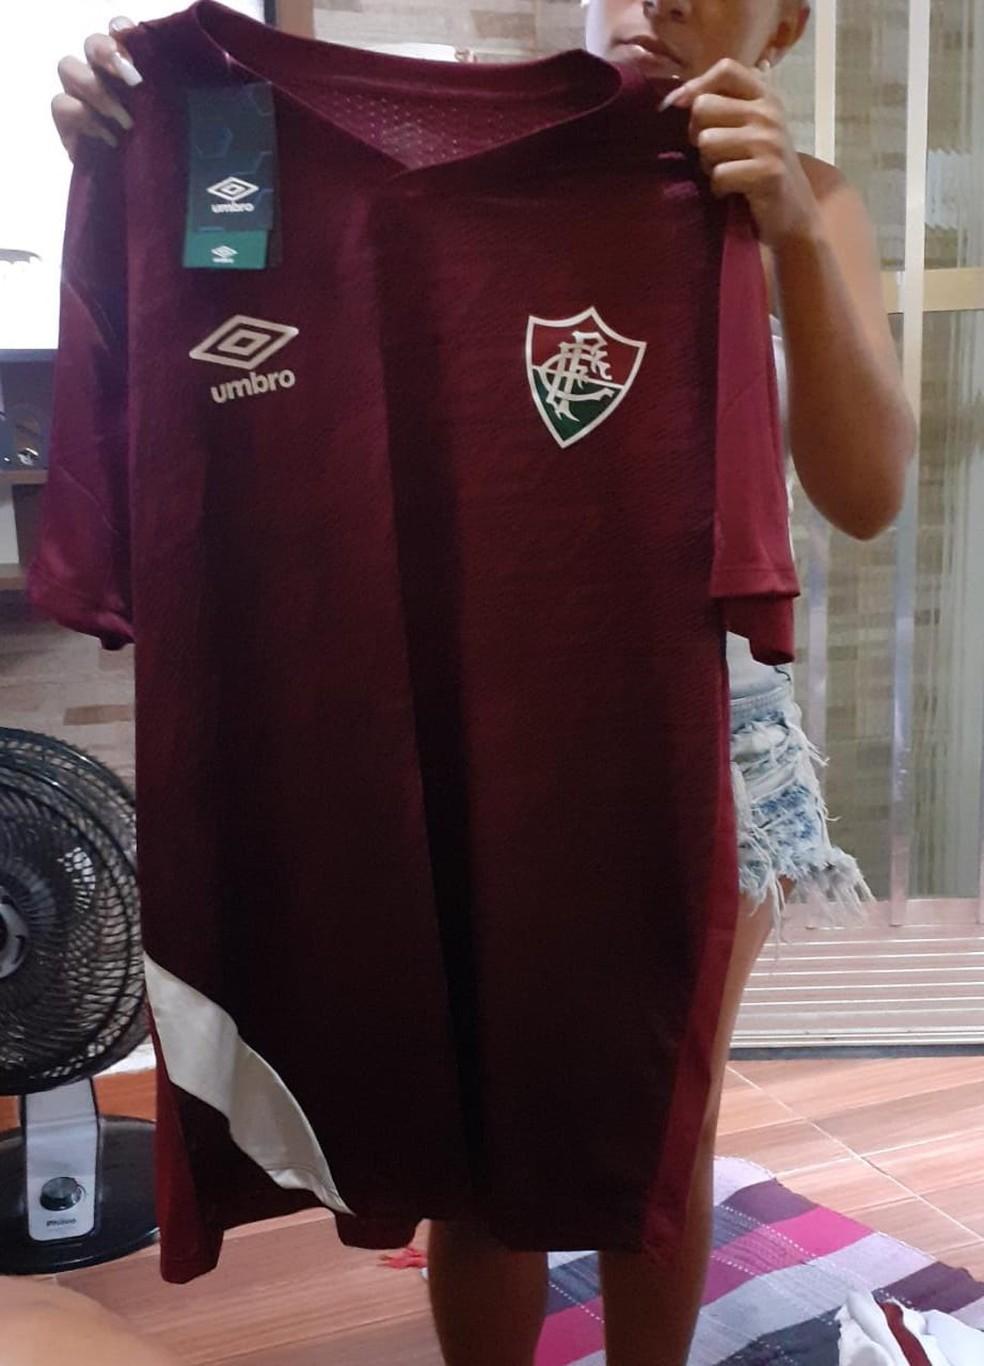 Uniforme grená leva a etiqueta da Umbro, assim como foto das camisas de jogo — Foto: Reprodução